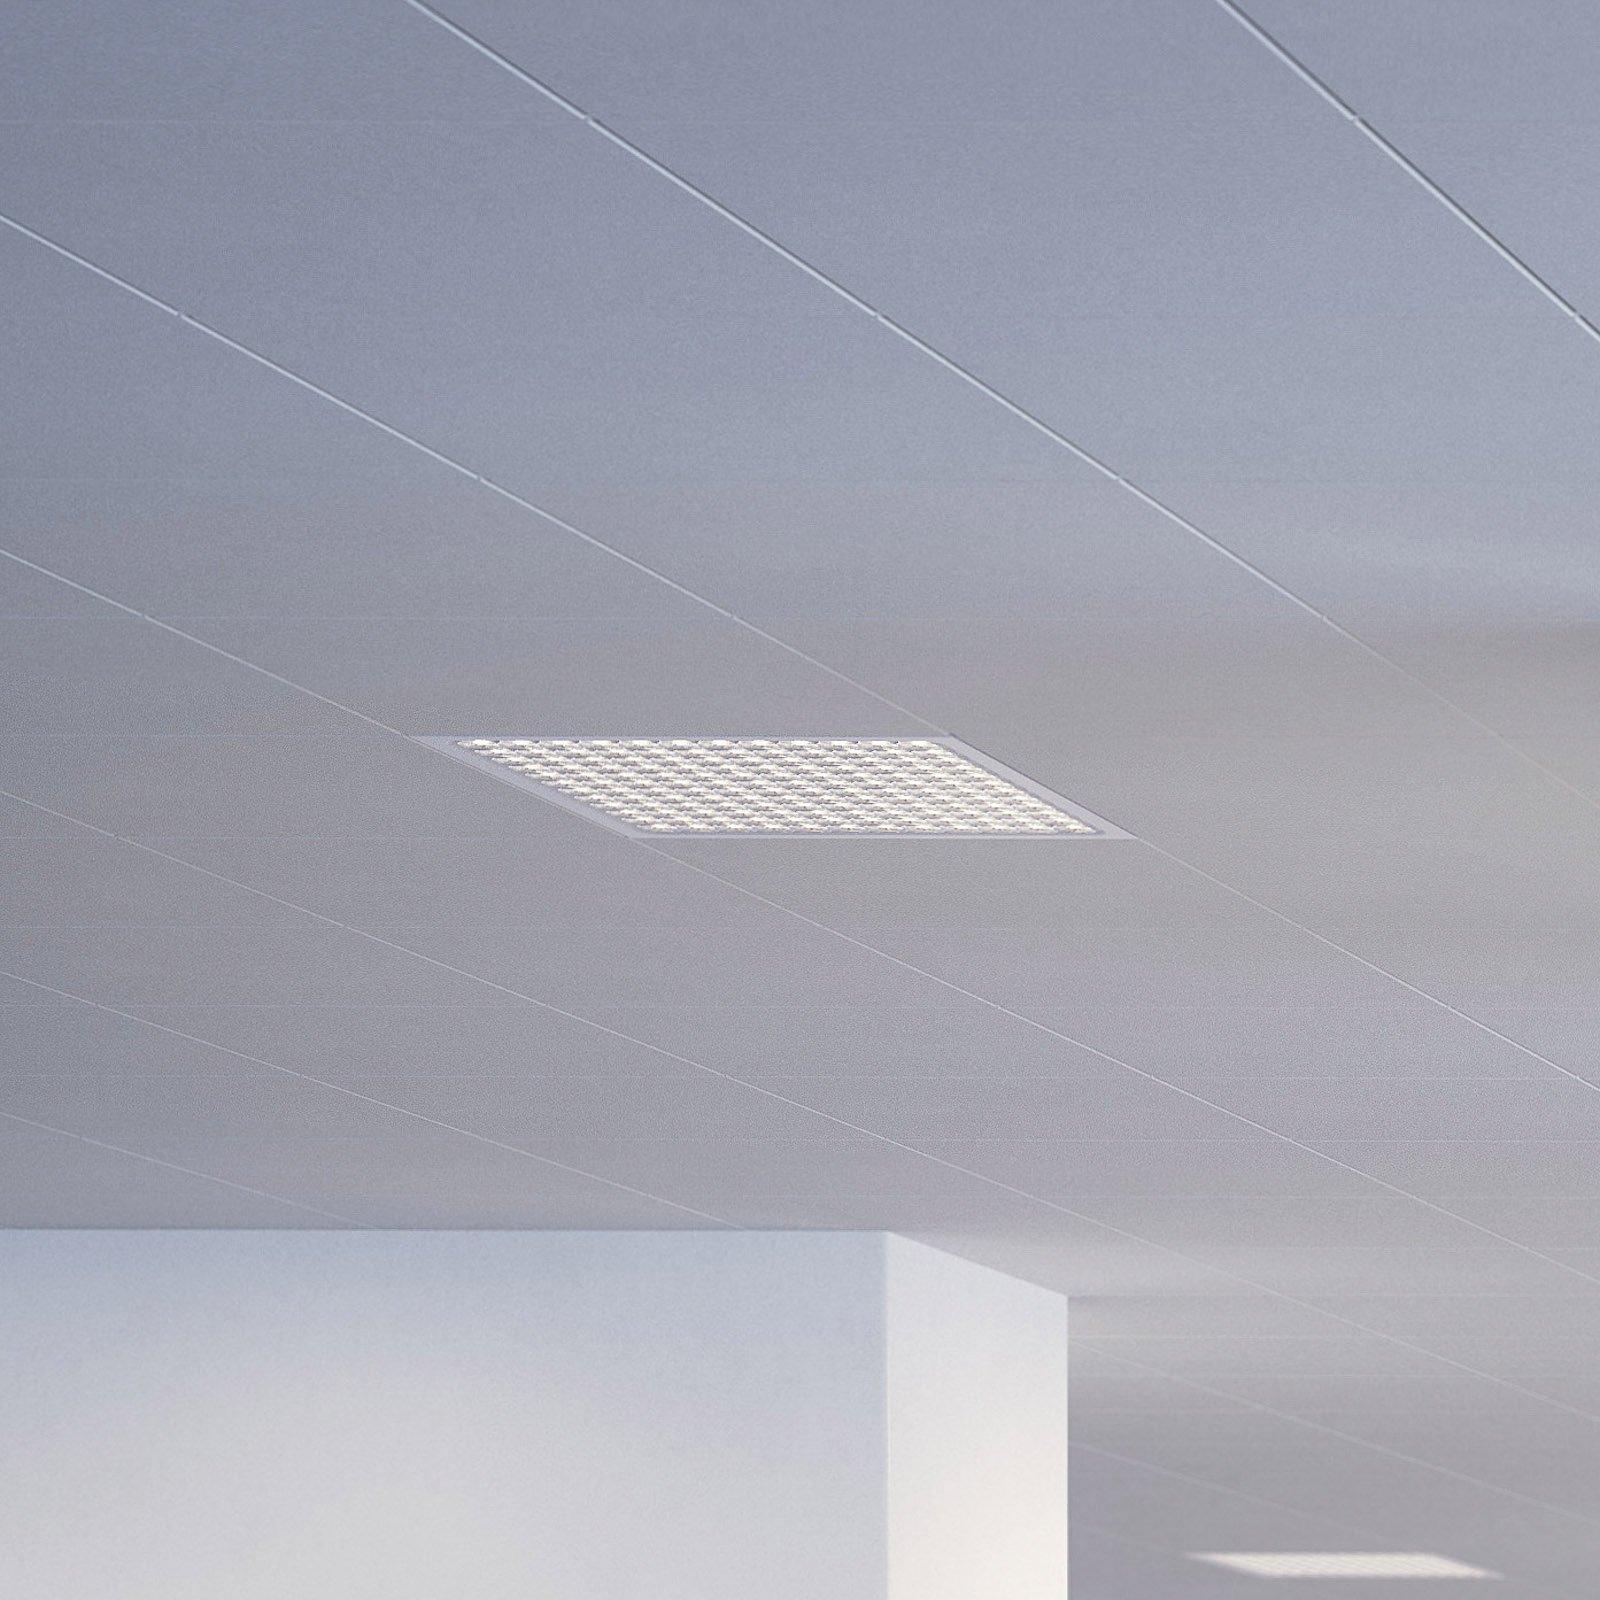 Regent Dime Office-taklampe 36,6cm 12 W 4000K